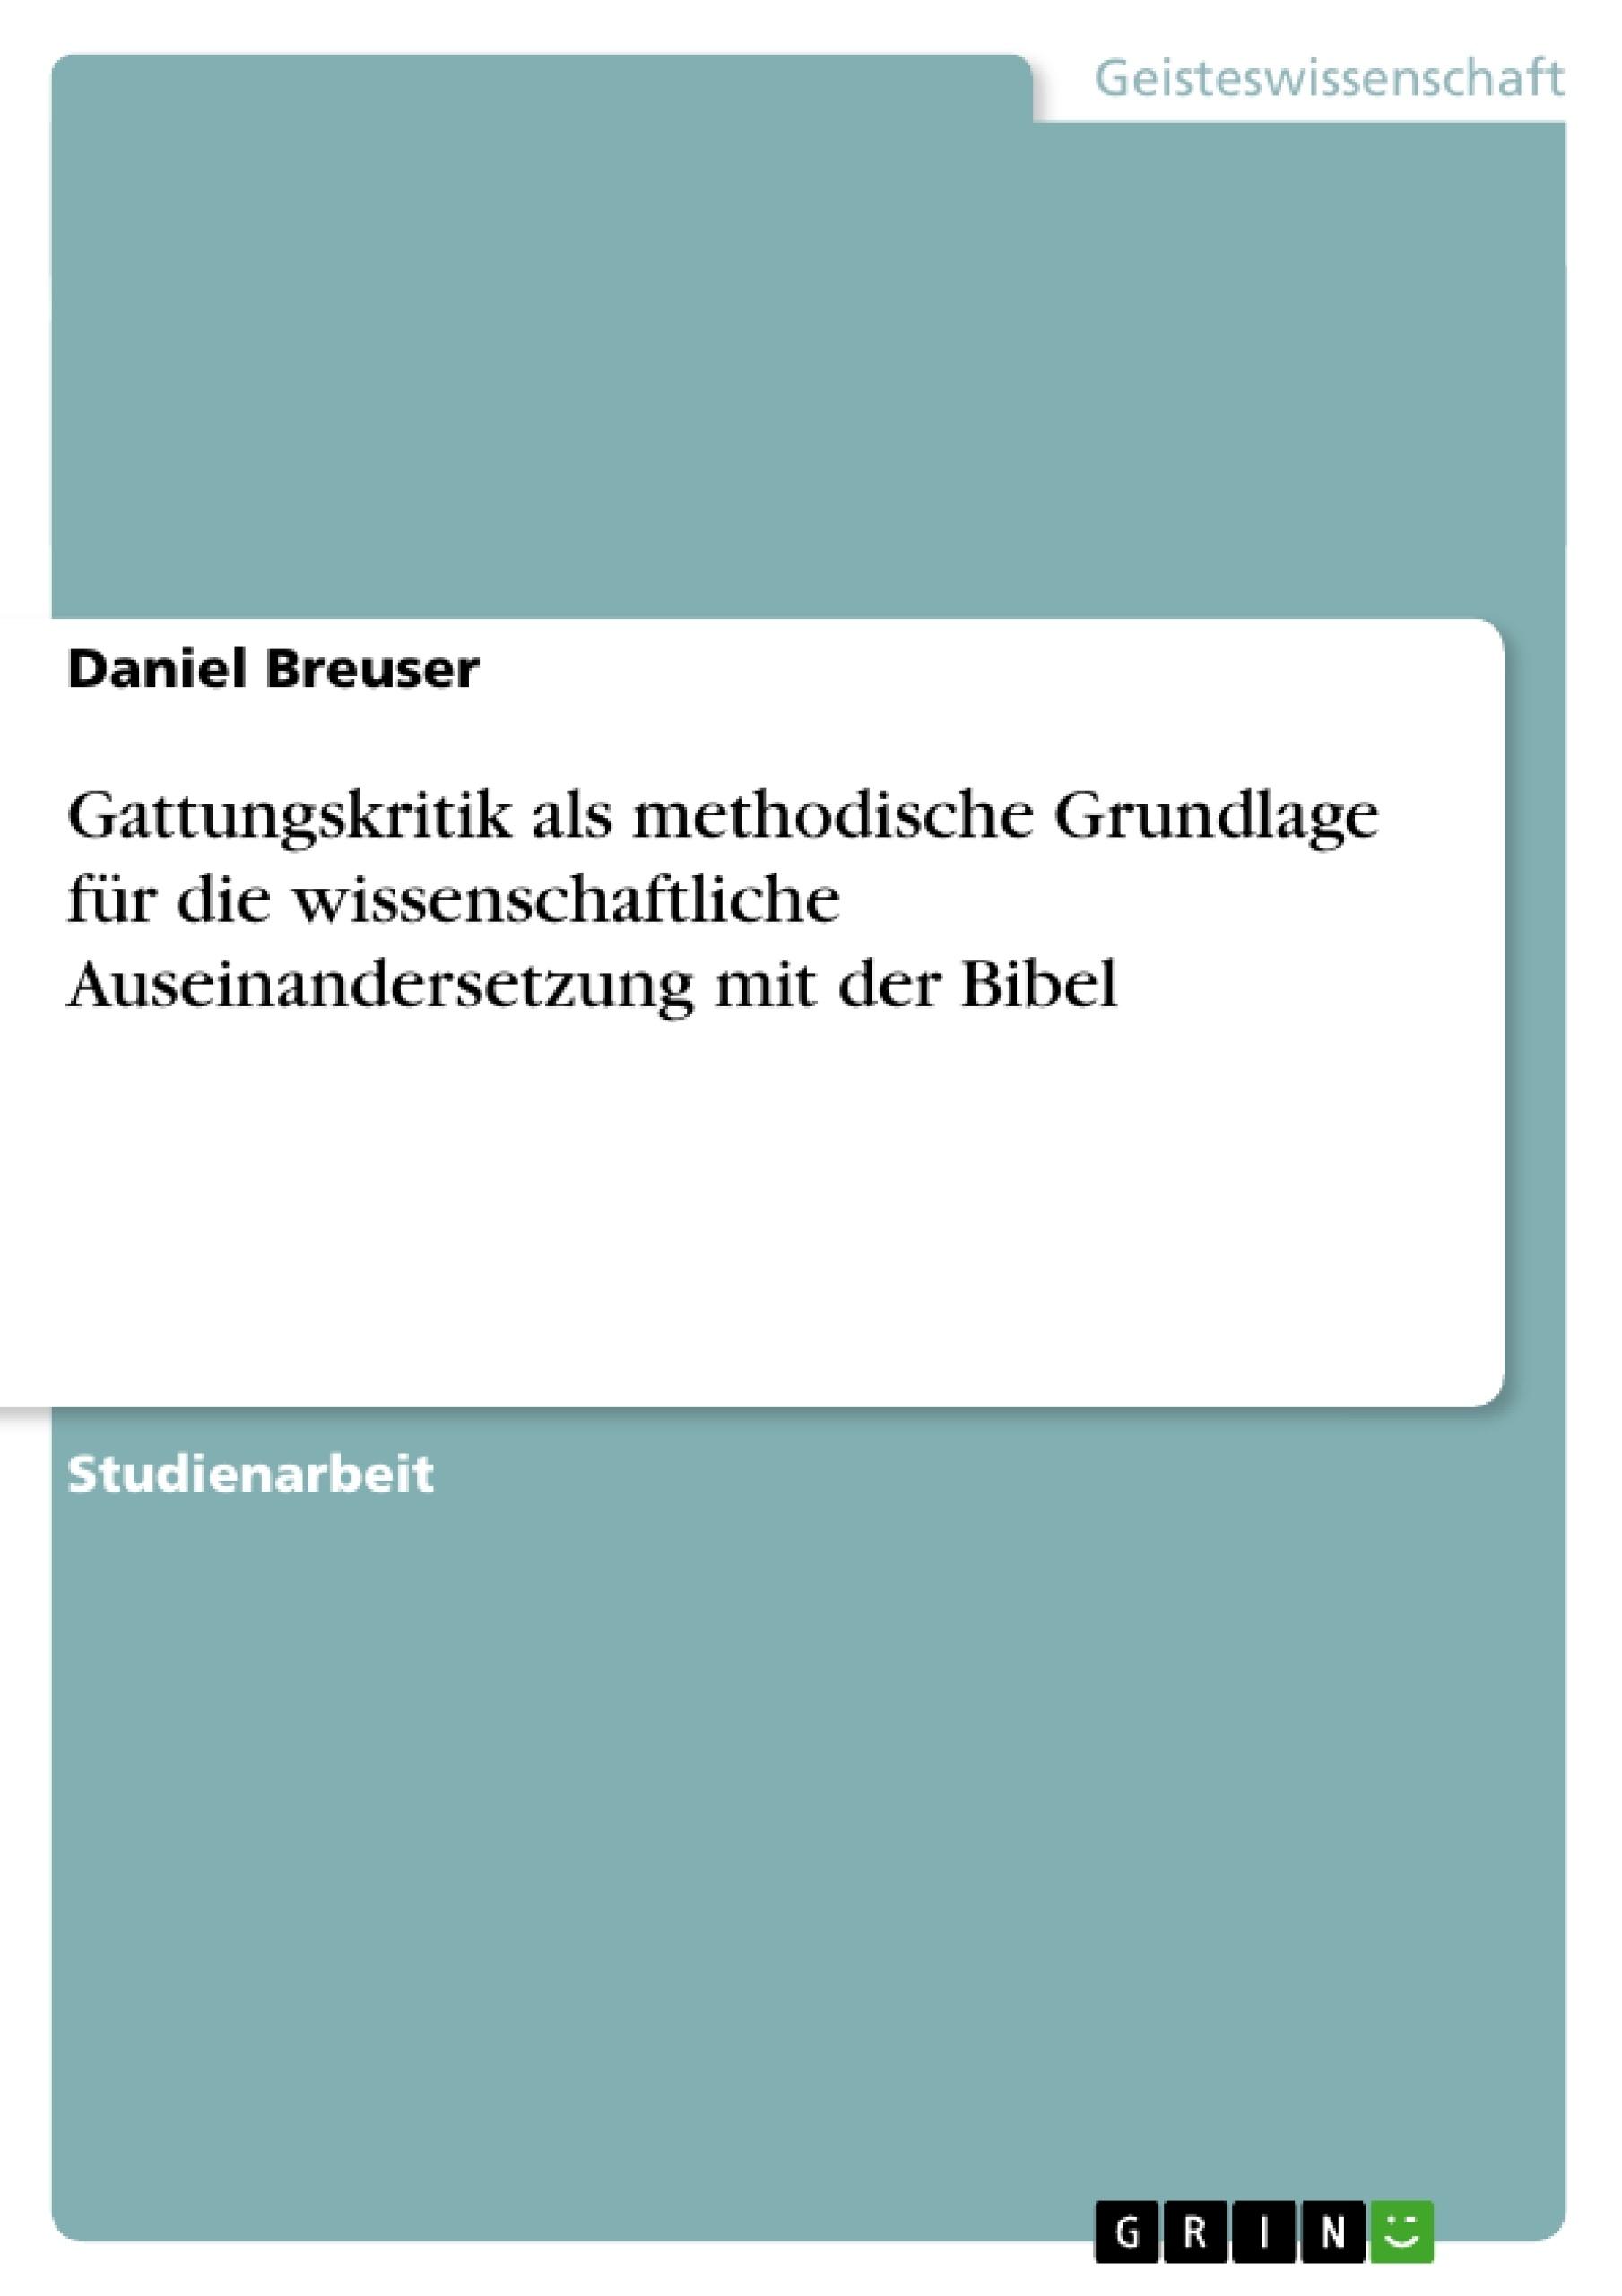 Titel: Gattungskritik als methodische Grundlage für die wissenschaftliche Auseinandersetzung mit der Bibel